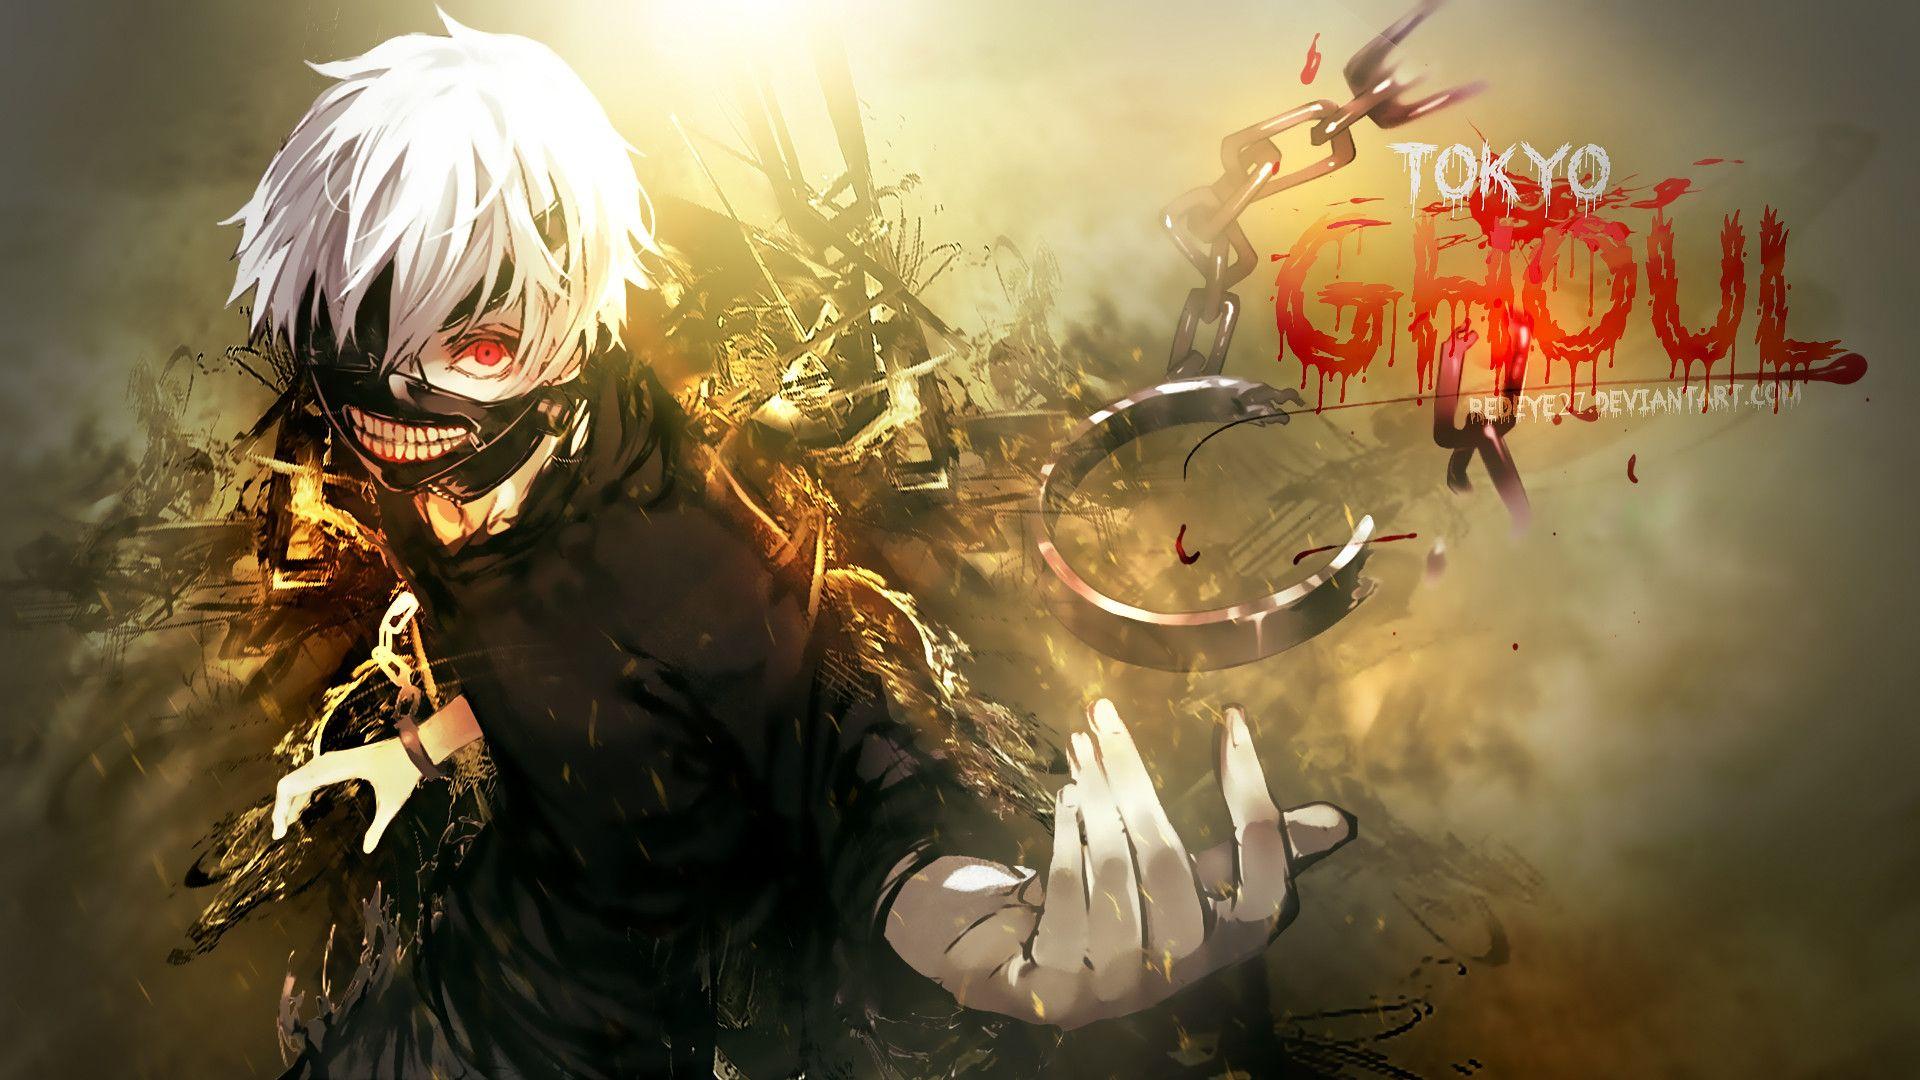 Streamcloud Tokyo Ghoul